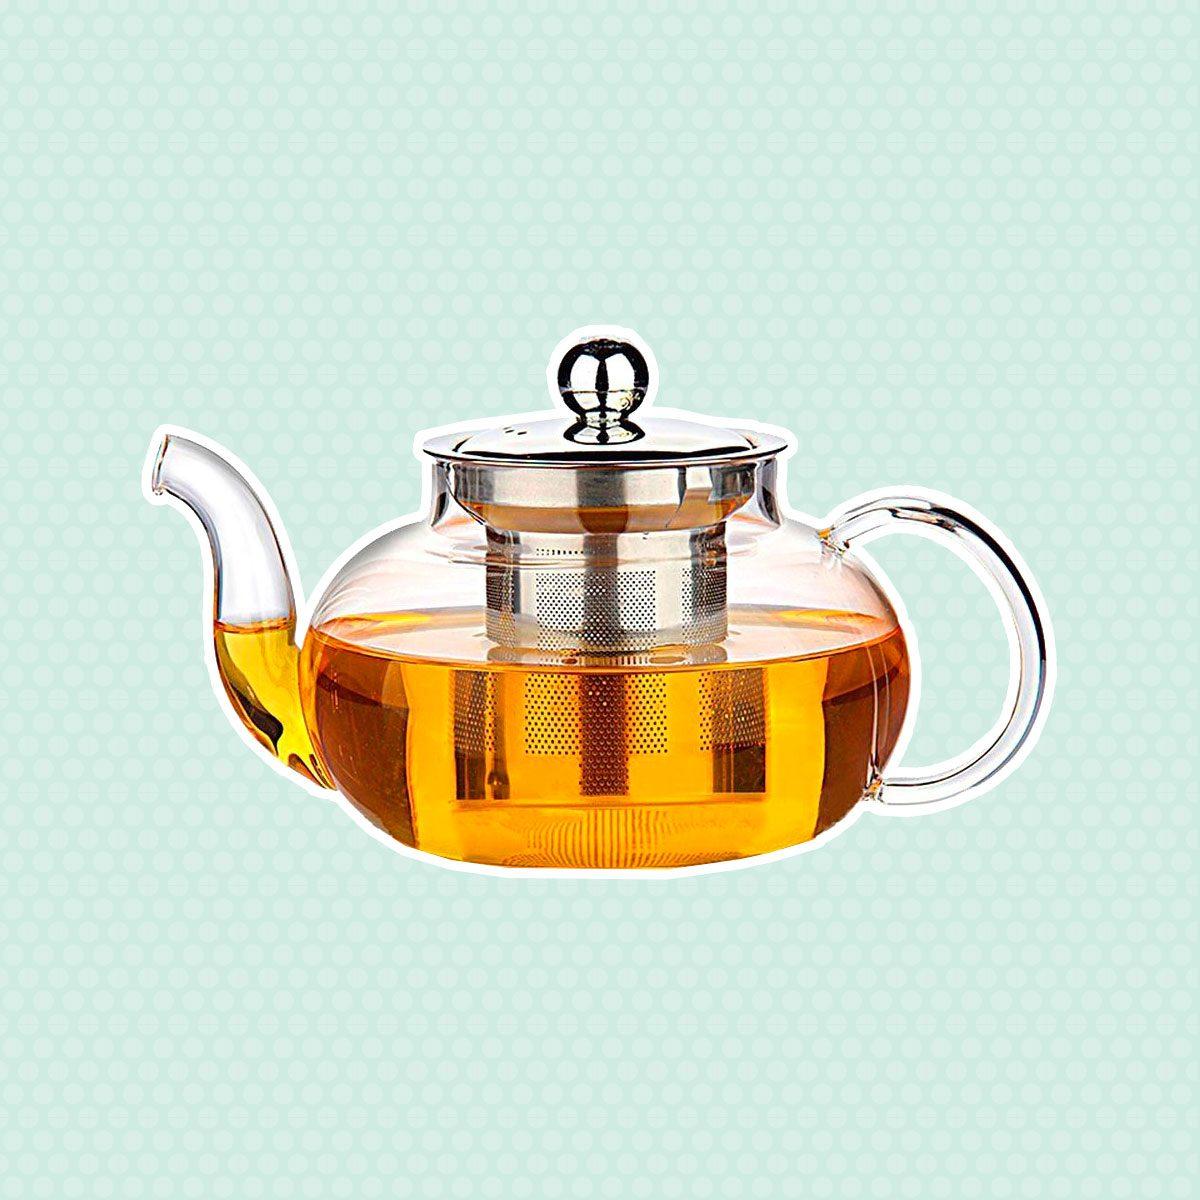 Stovetop Safe Tea Pot